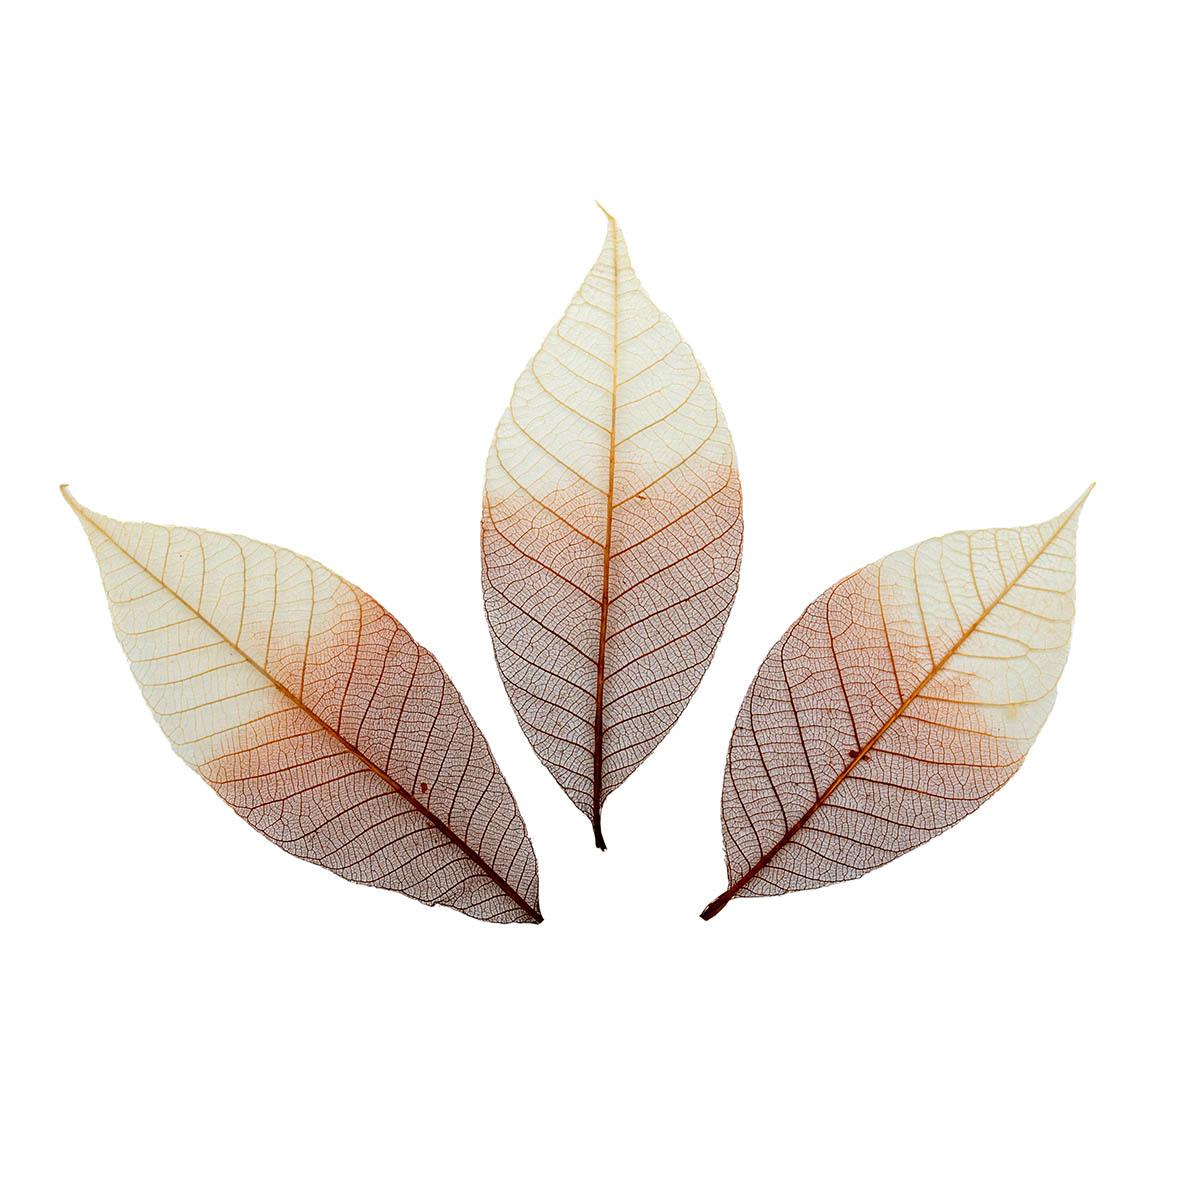 SCB300504 Скелетированные листочки из каучукового дерева, 2-цветный коричневый, упак./8 шт., ScrapBerry's